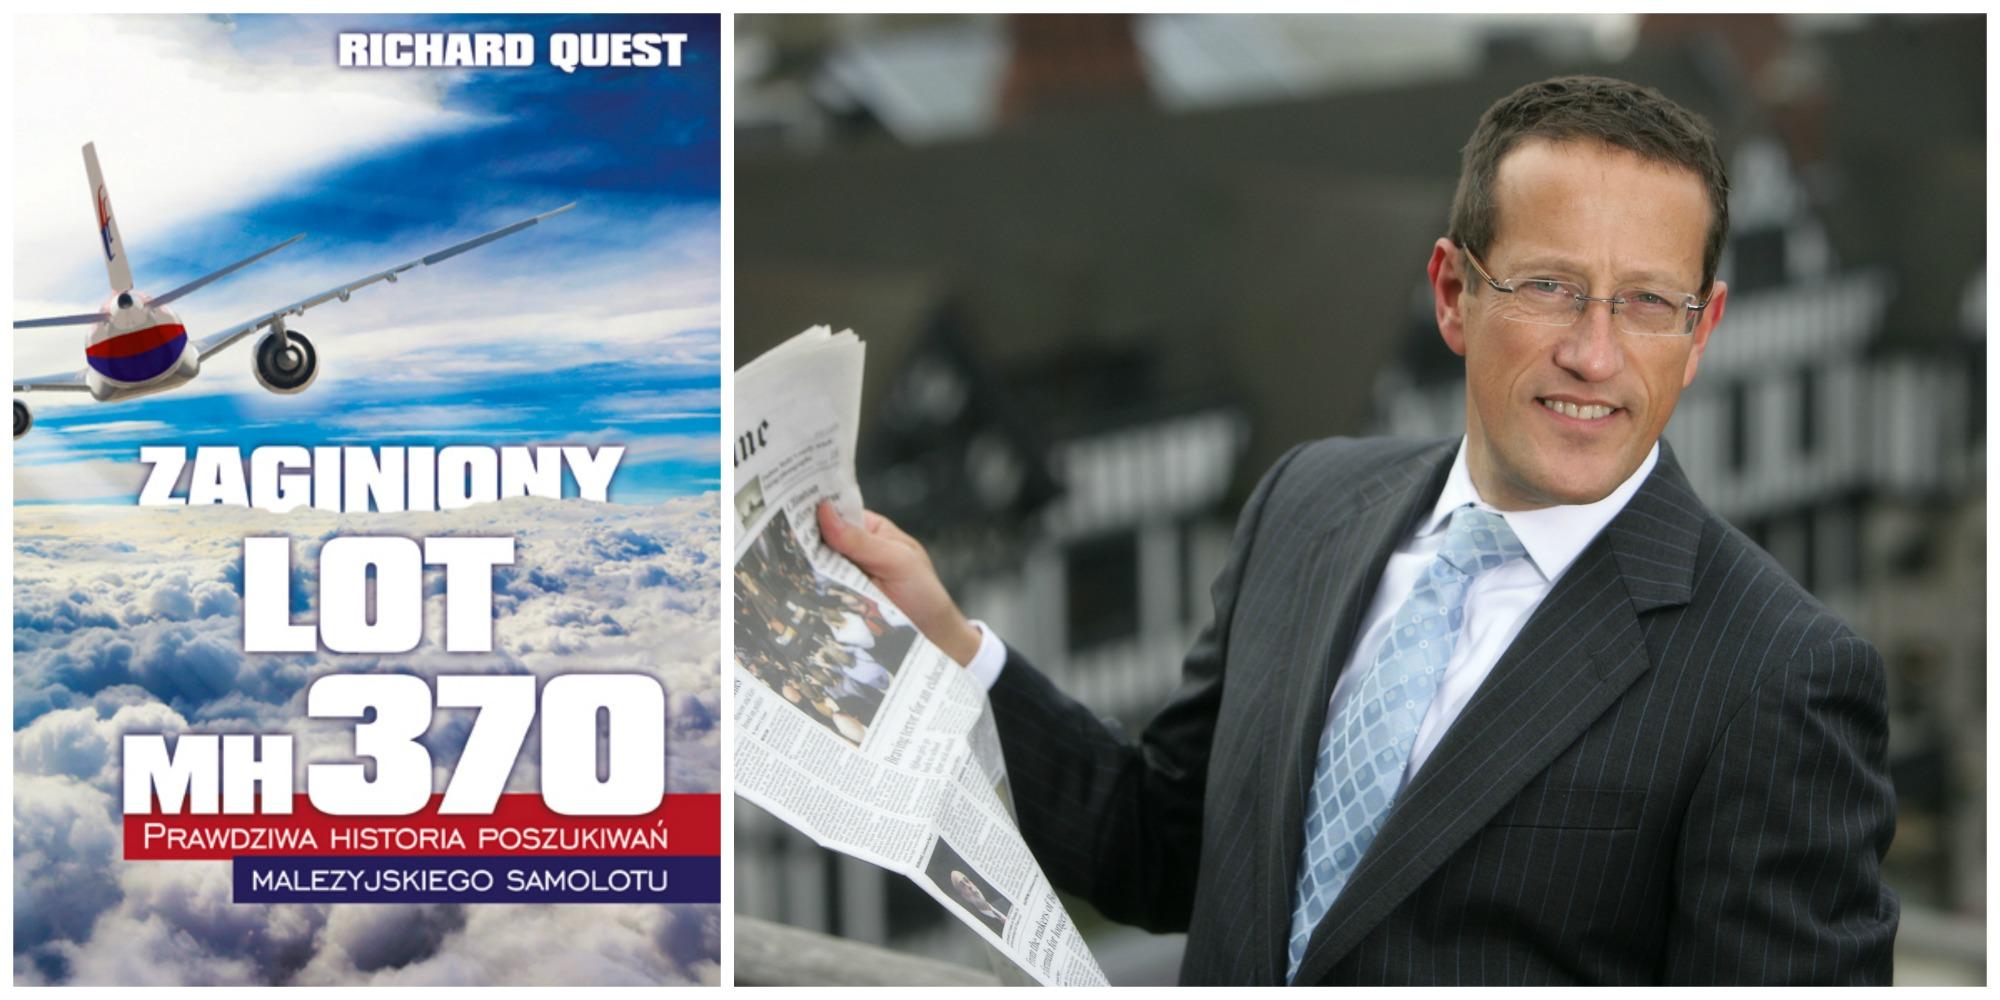 Książka Richarda Questa 'Zaginiony lot MH370...' w polskim przekładzie Jakuba Jedlińskiego ukazała się nakładem Wydawnictwa Edipresse (fot. materiały prasowe)